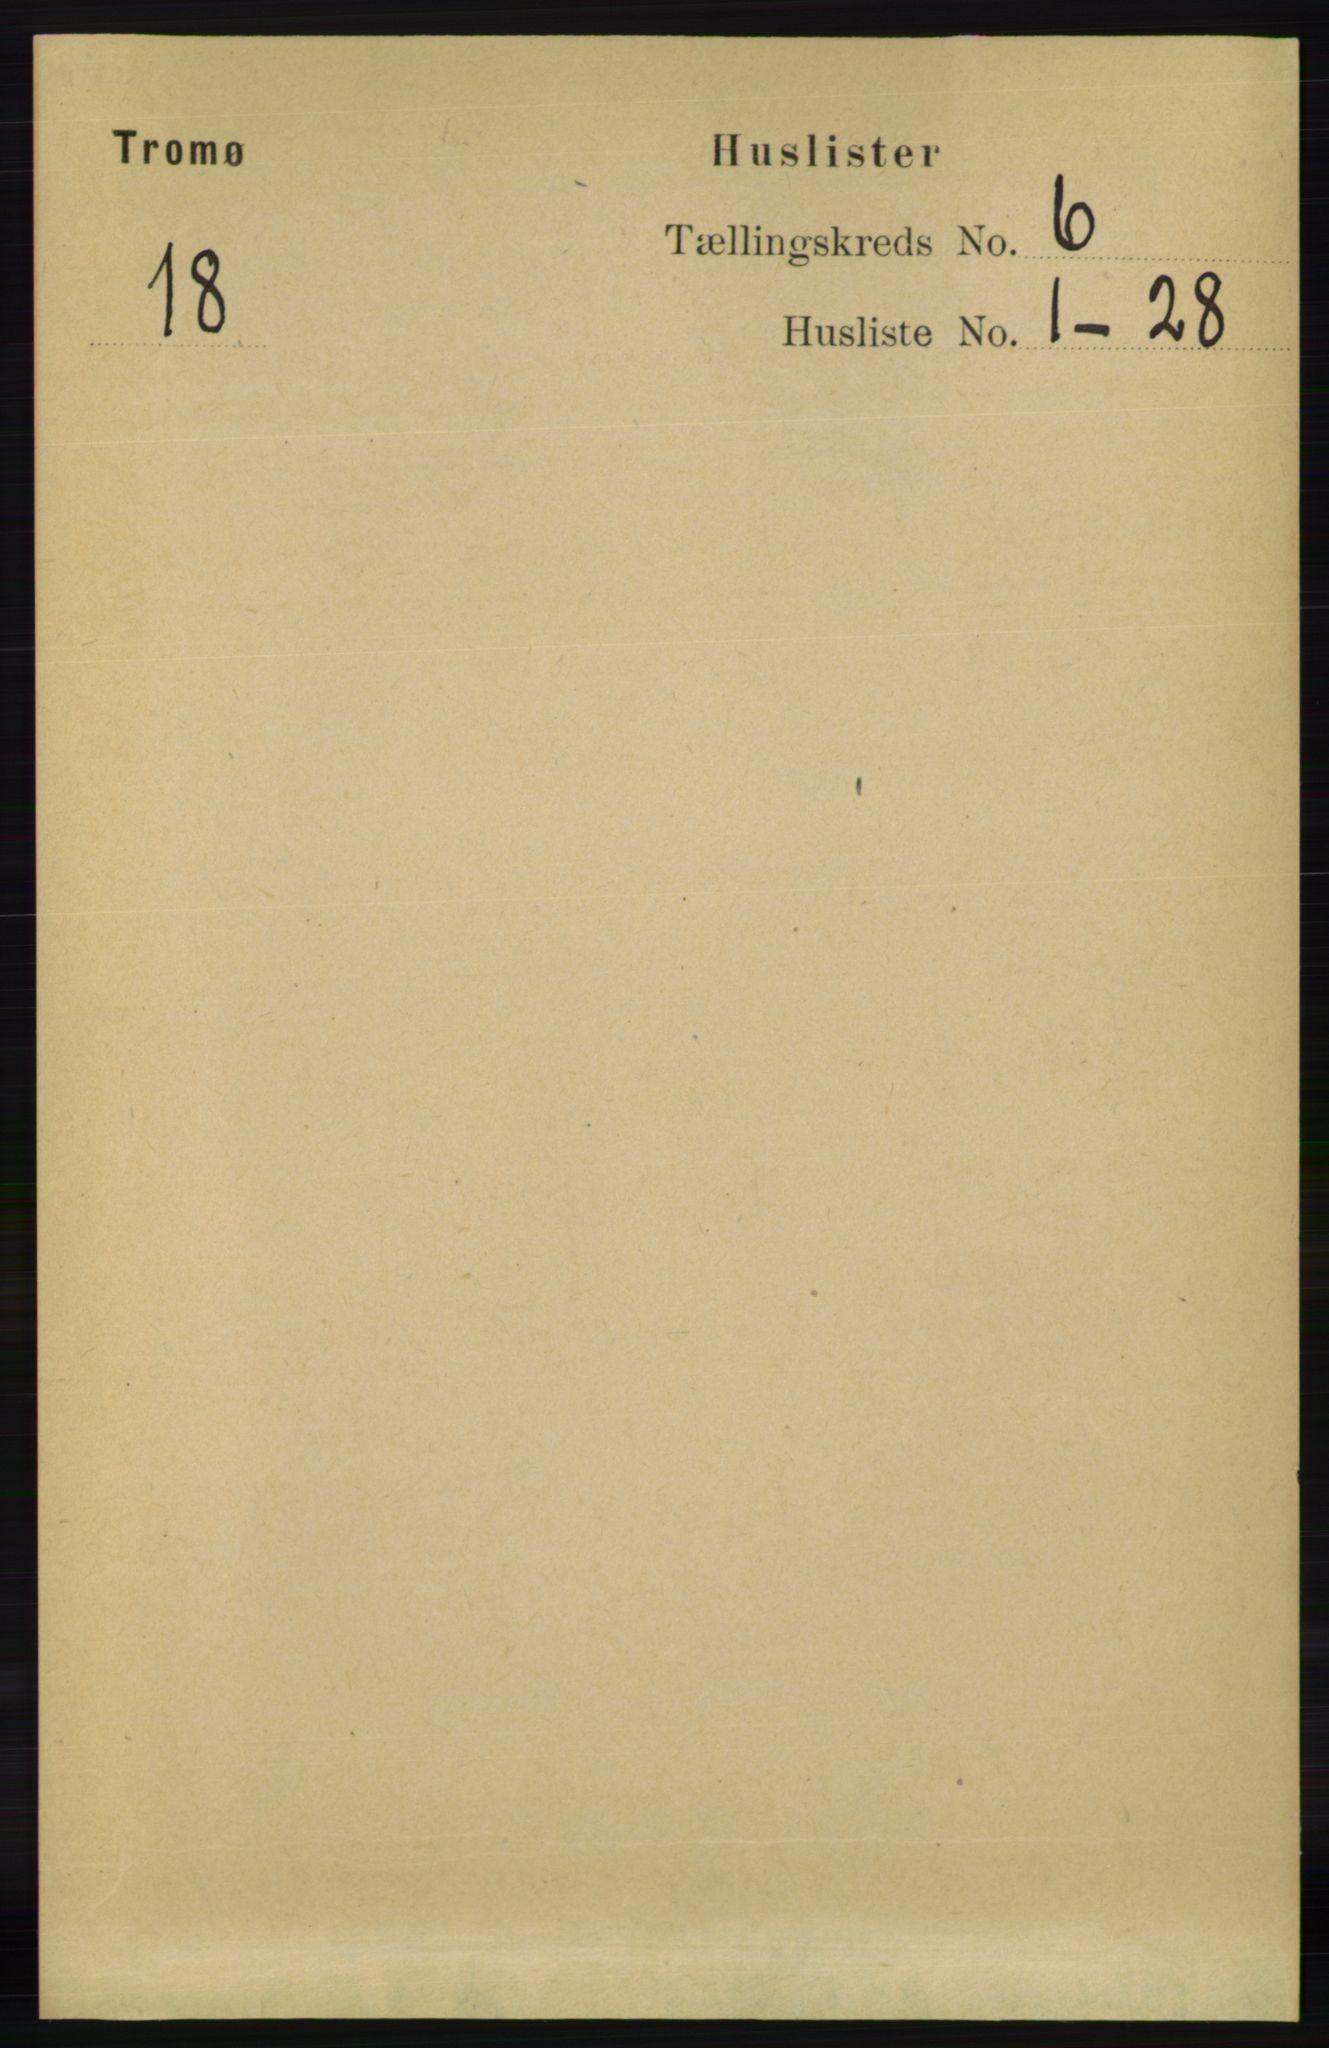 RA, Folketelling 1891 for 0921 Tromøy herred, 1891, s. 2835